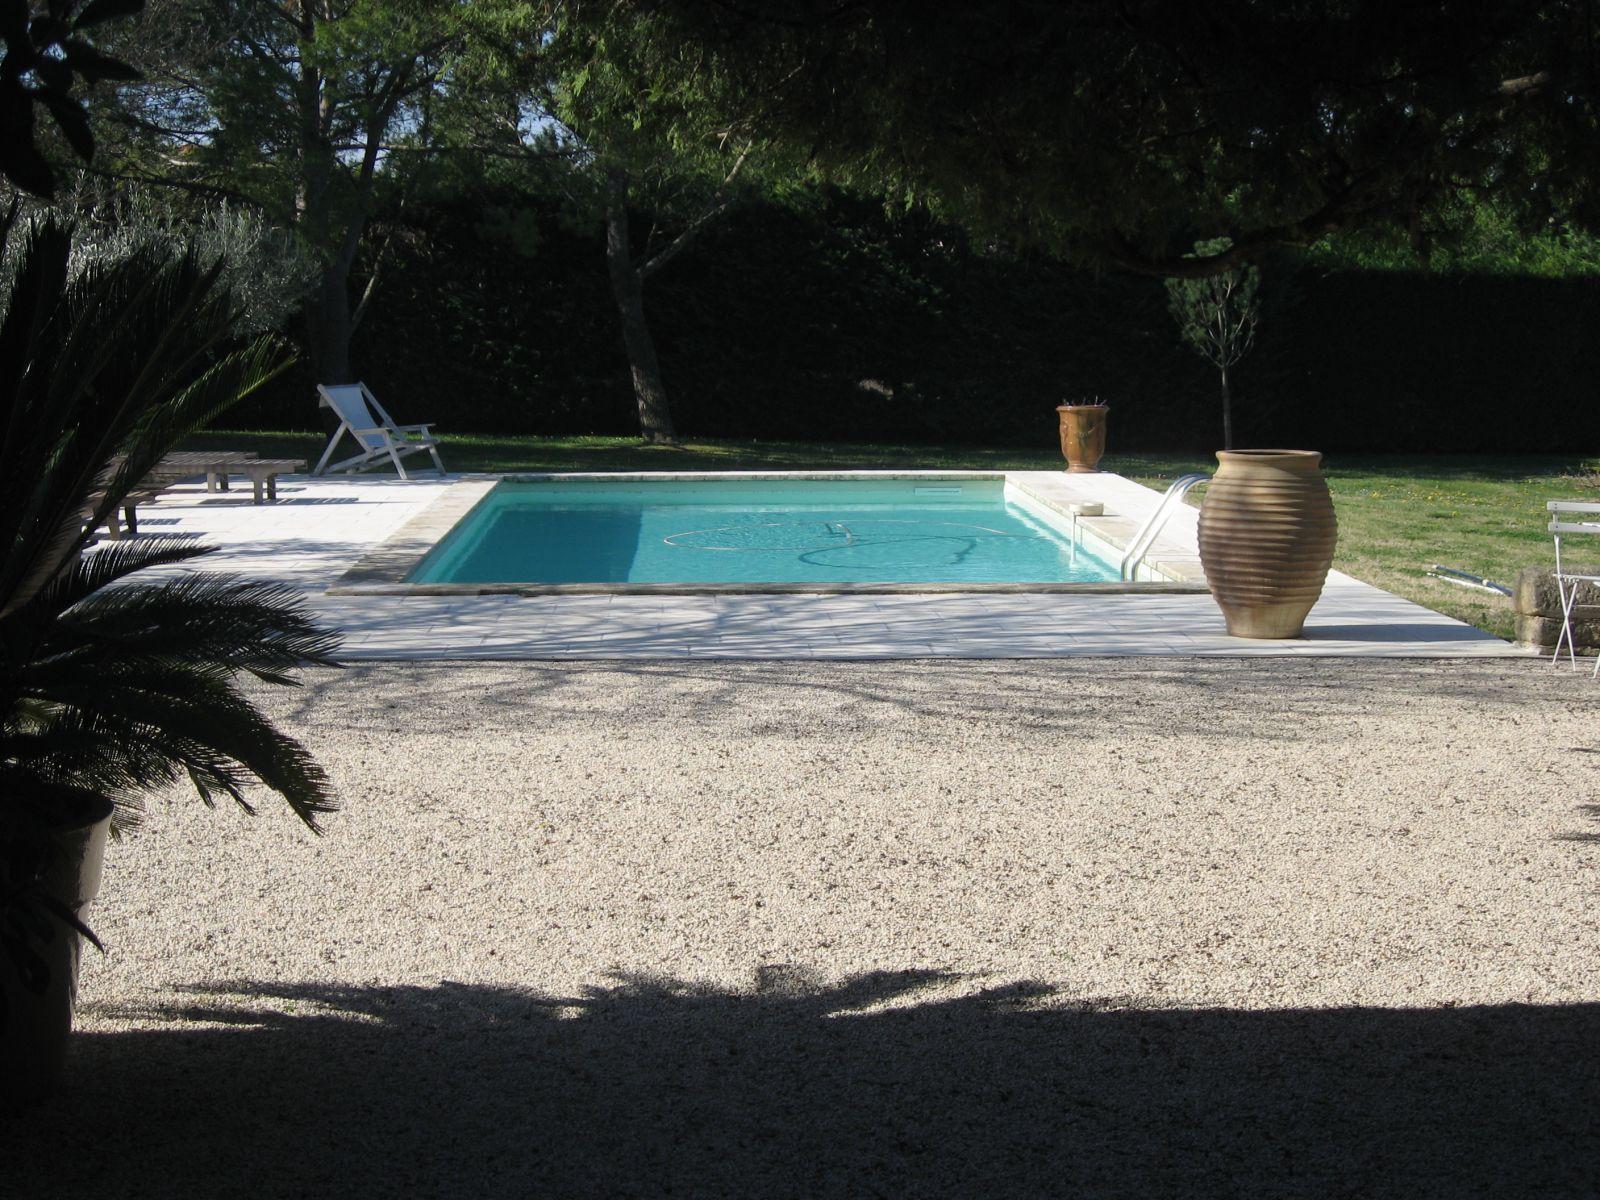 Piscine vielles demeures d 39 occitanie entreprise for Constructeur piscine vaucluse